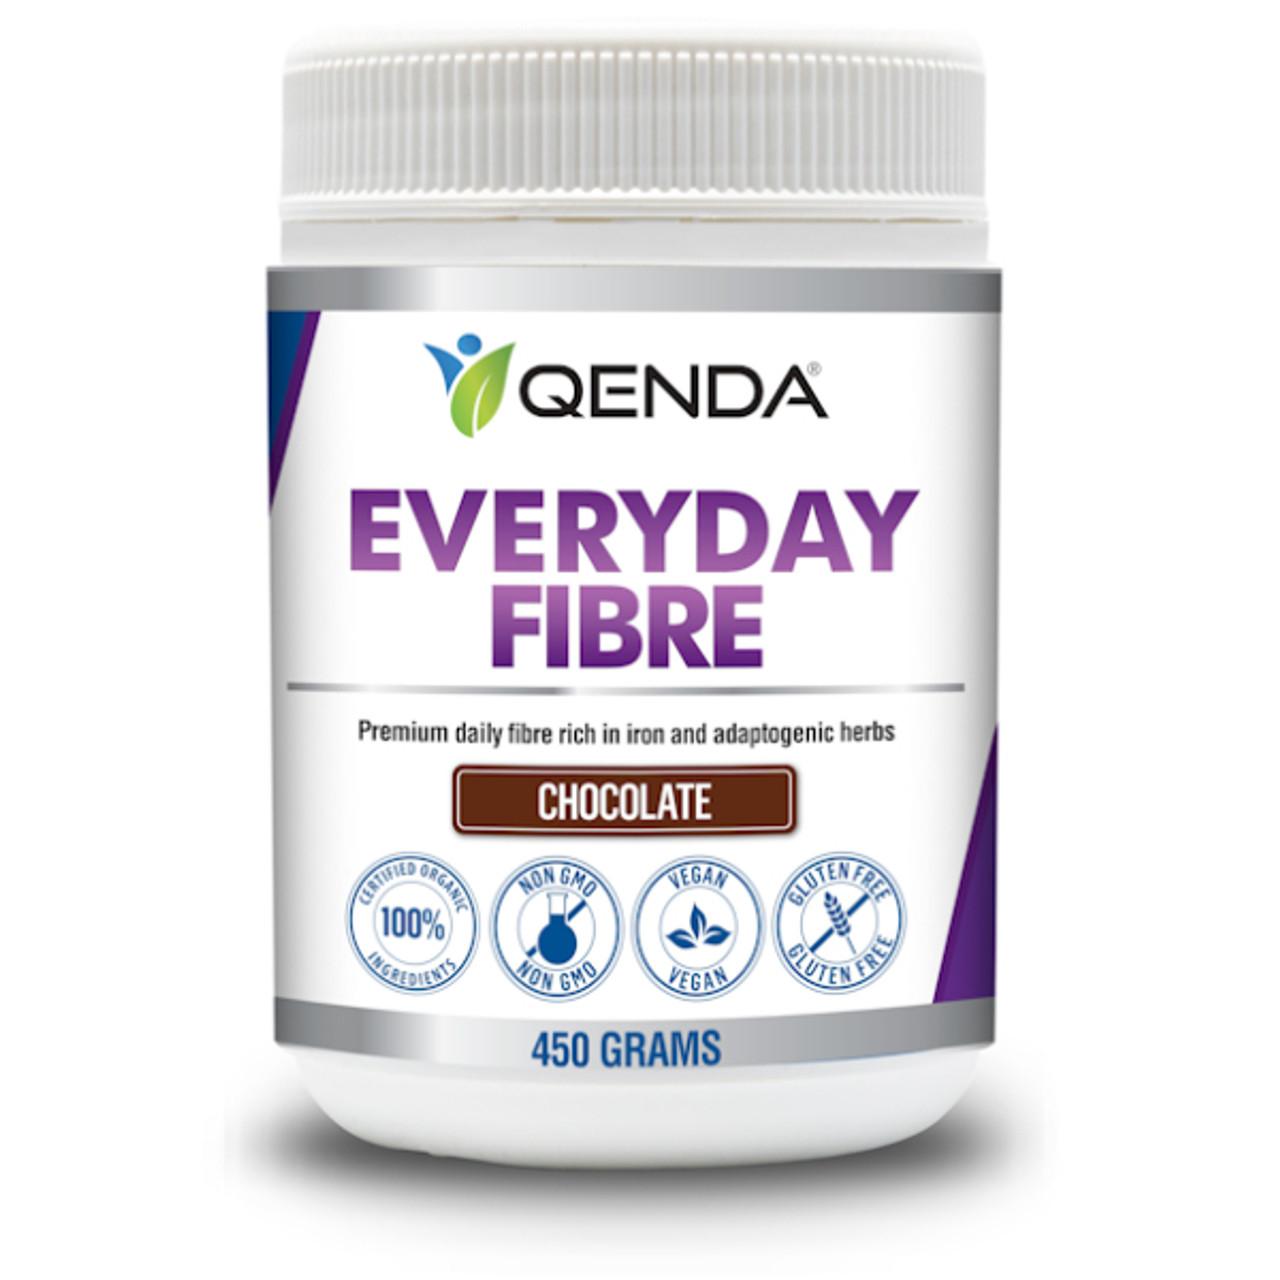 Qenda Everyday Fibre - Chocolate Formulation 450g